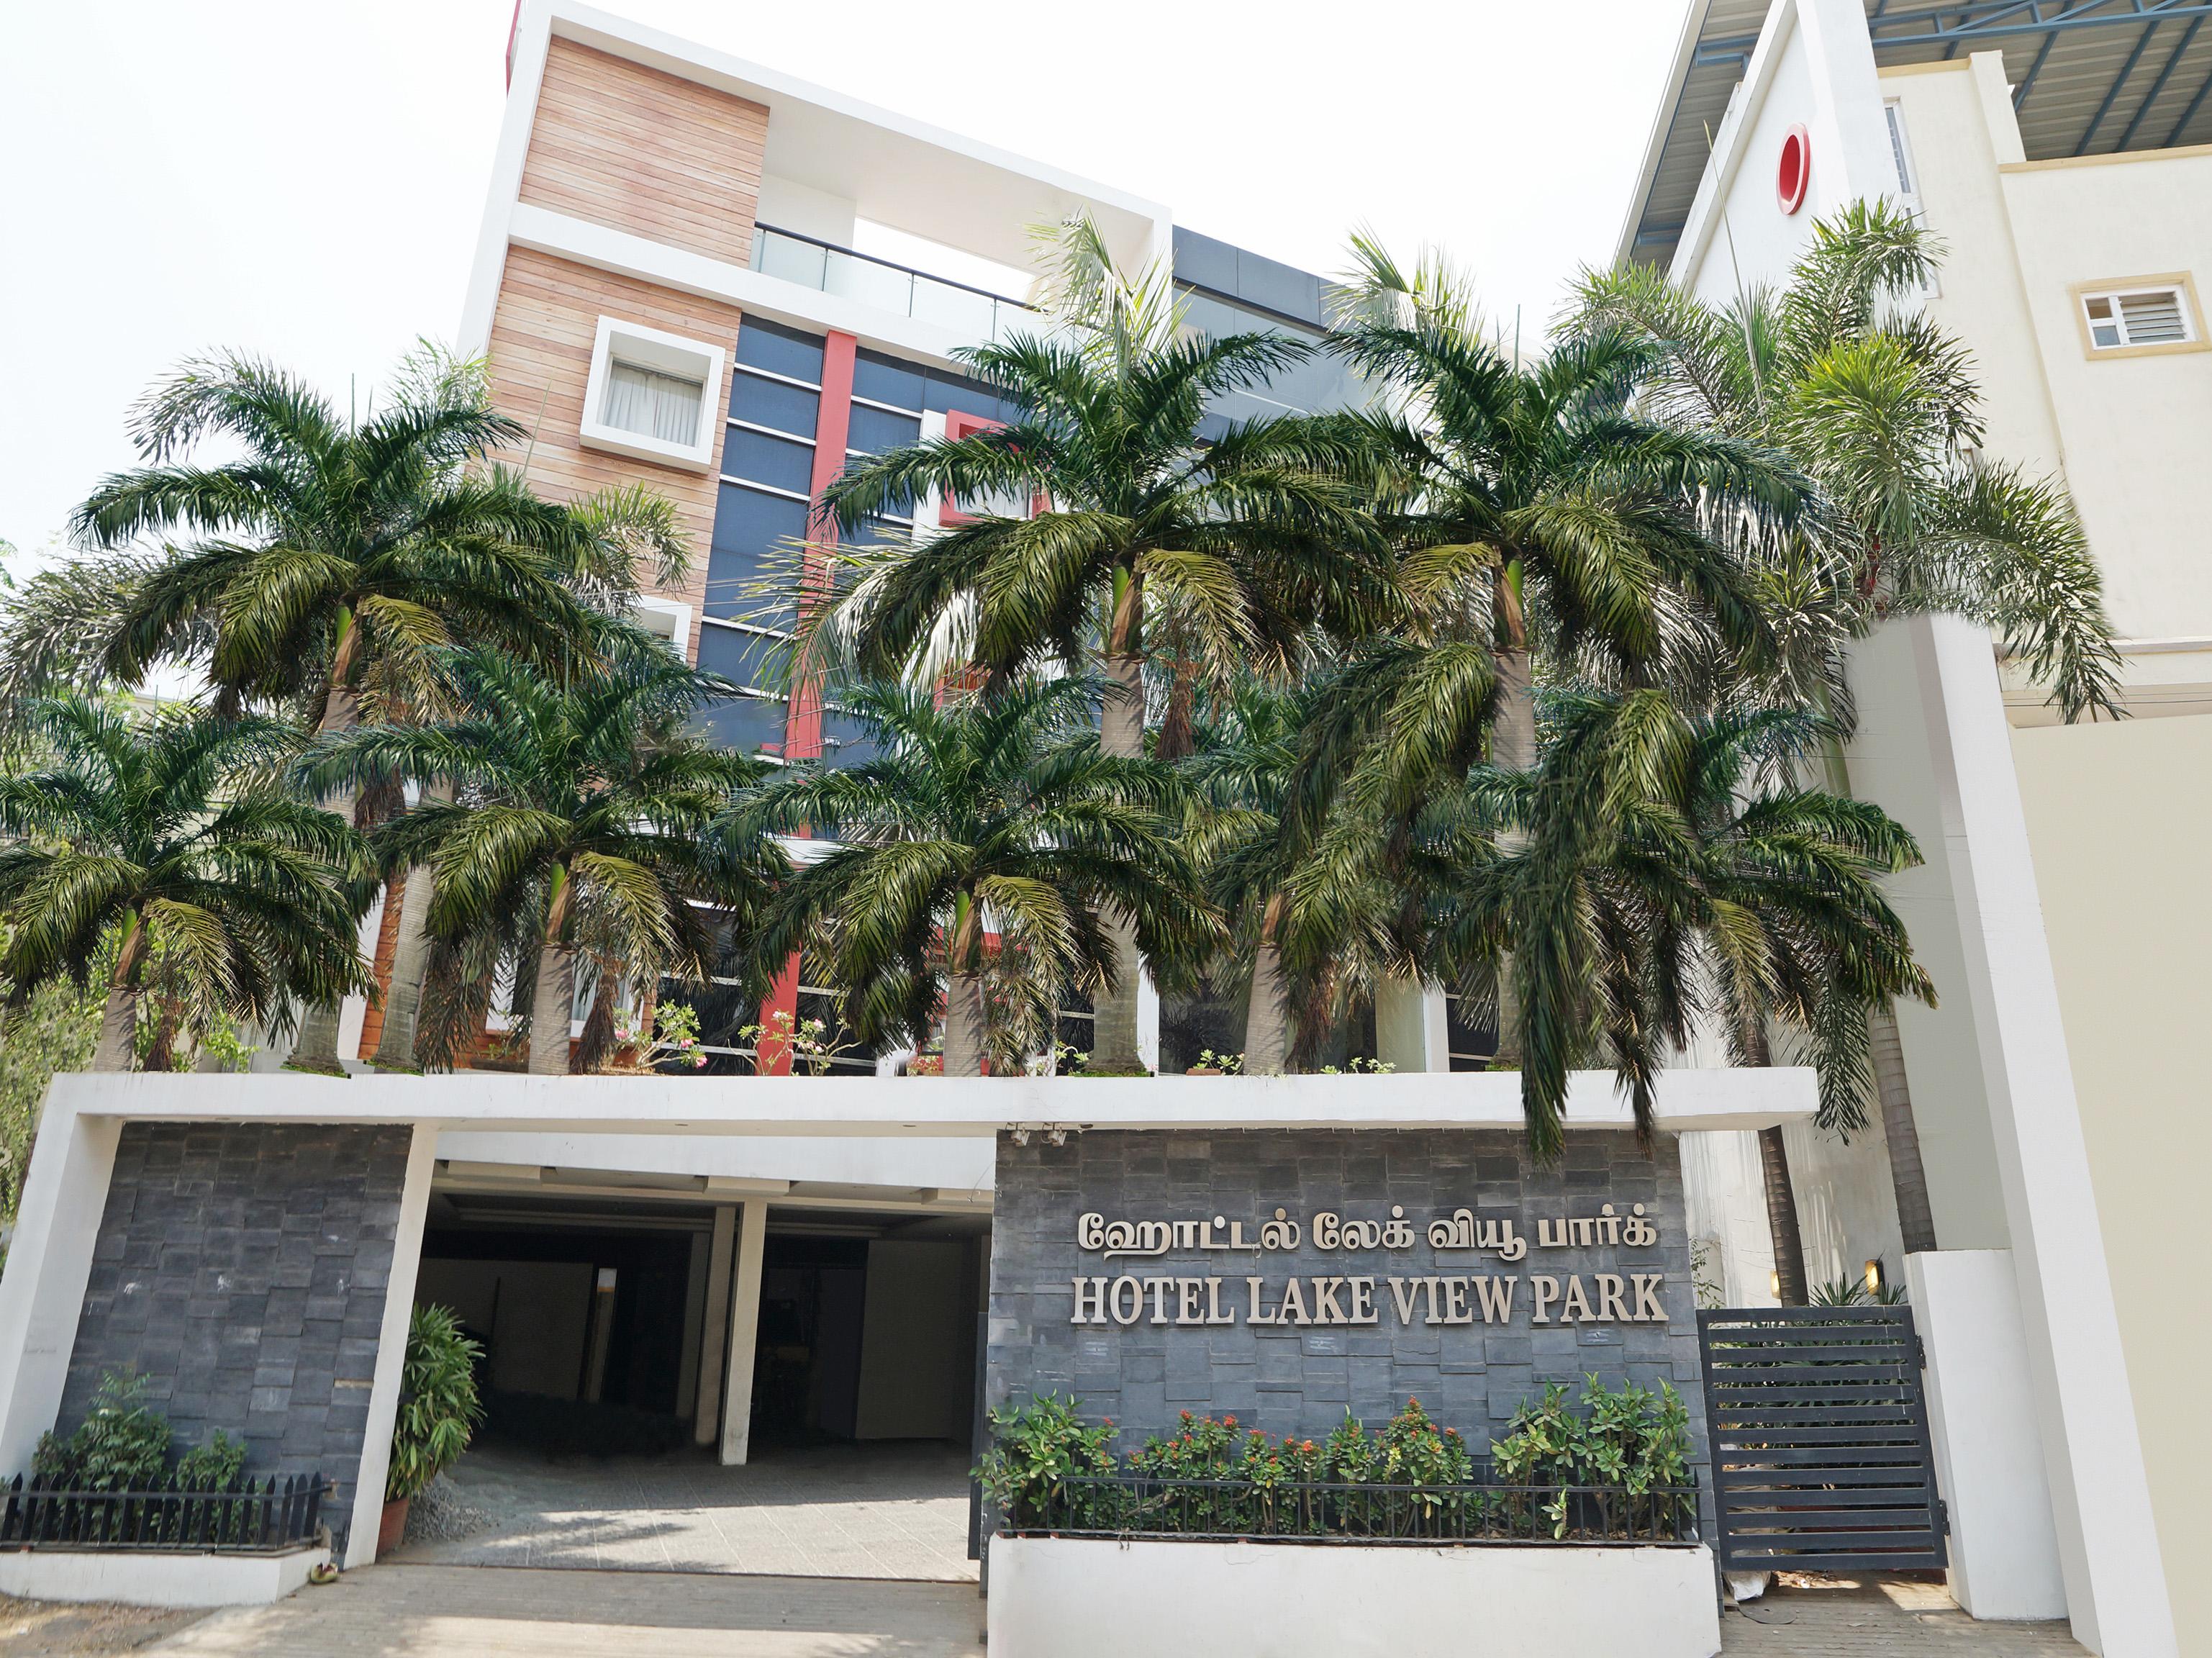 Hotels near Sims Hospital Chennai   Tariff ₹799, Lowest